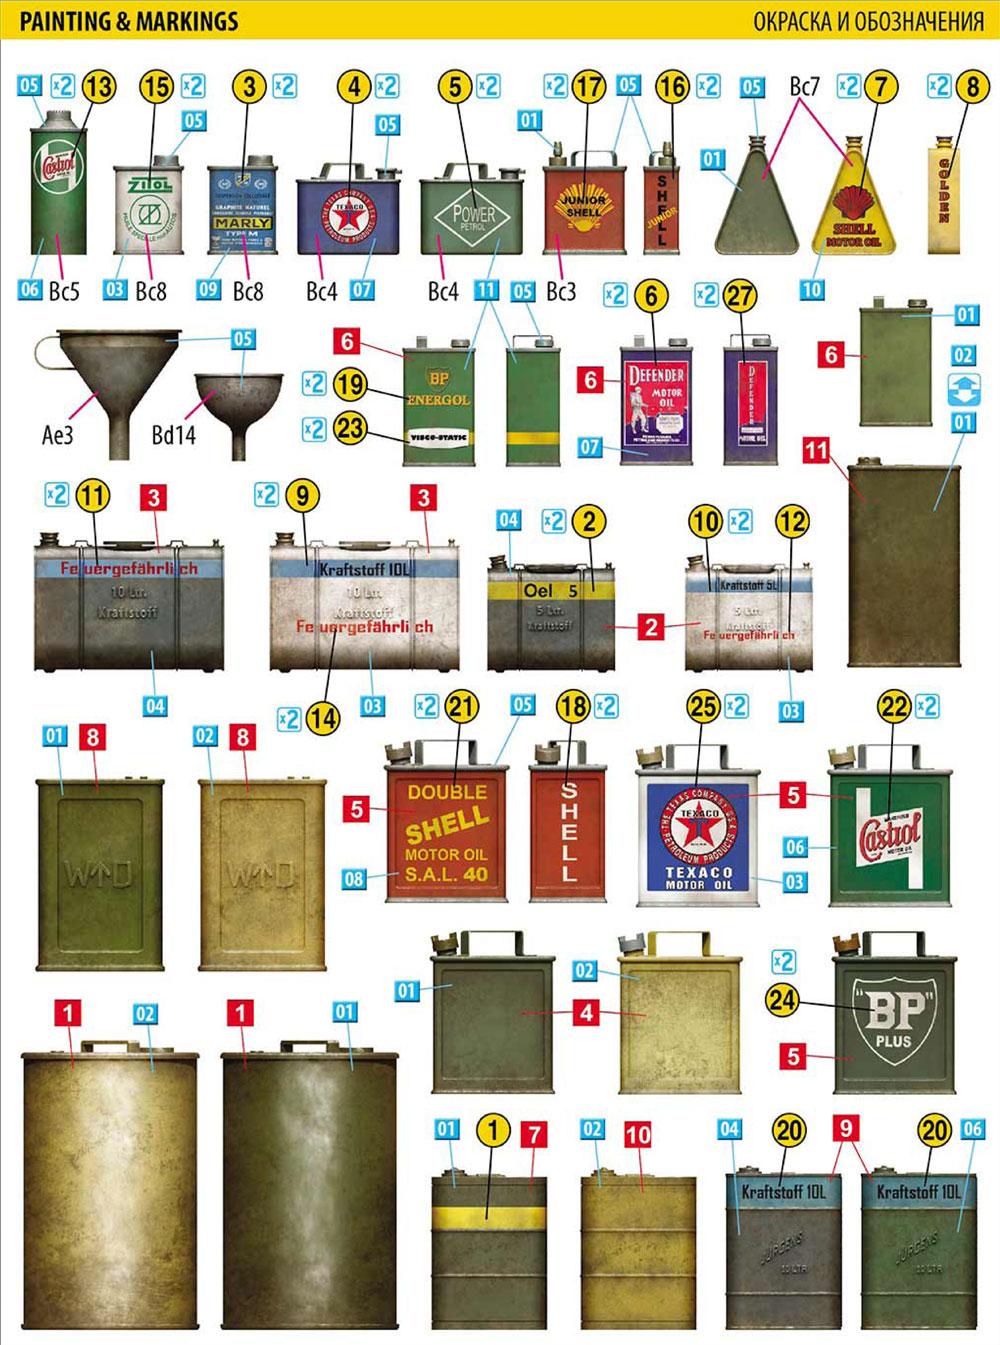 油 & 石油缶セット 1930-40年代プラモデル(ミニアート1/35 ビルディング&アクセサリー シリーズNo.35595)商品画像_1